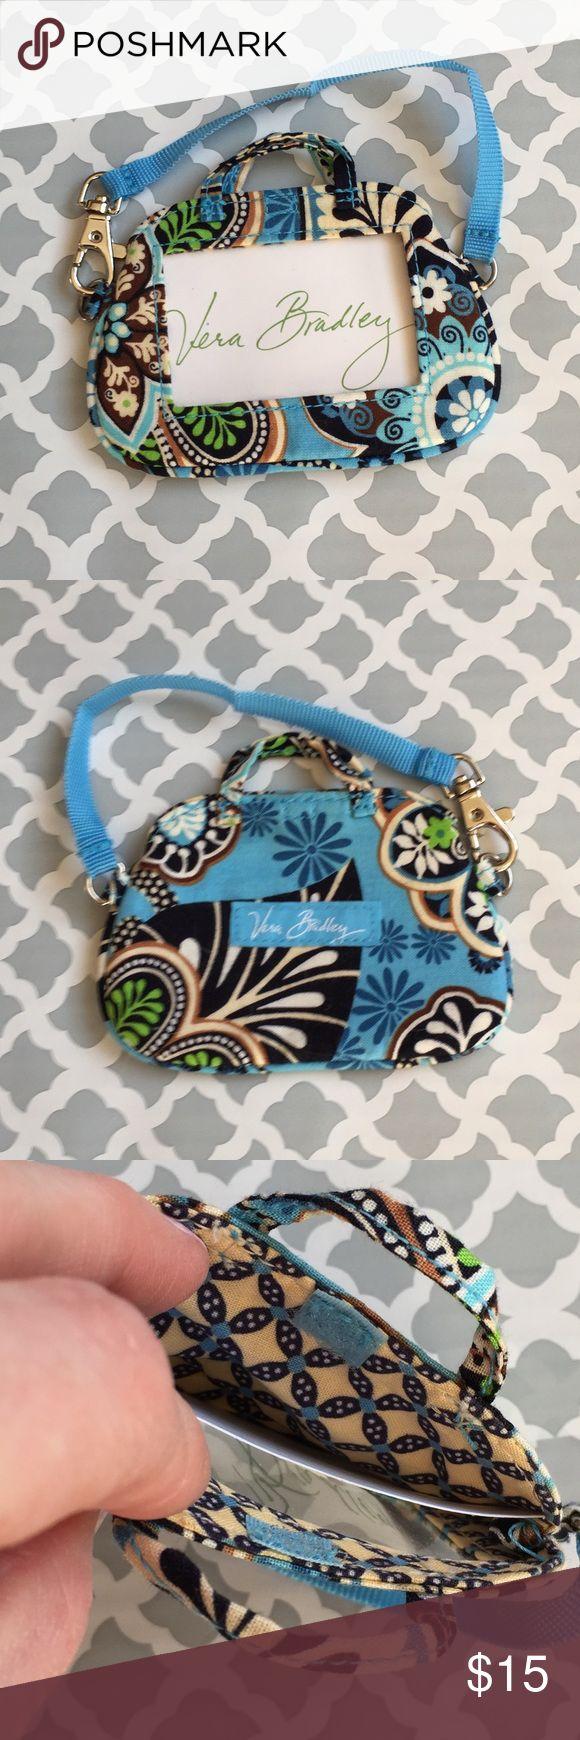 NWOT Vera Bradley Luggage Tag NWOT Vera Bradley Accessories